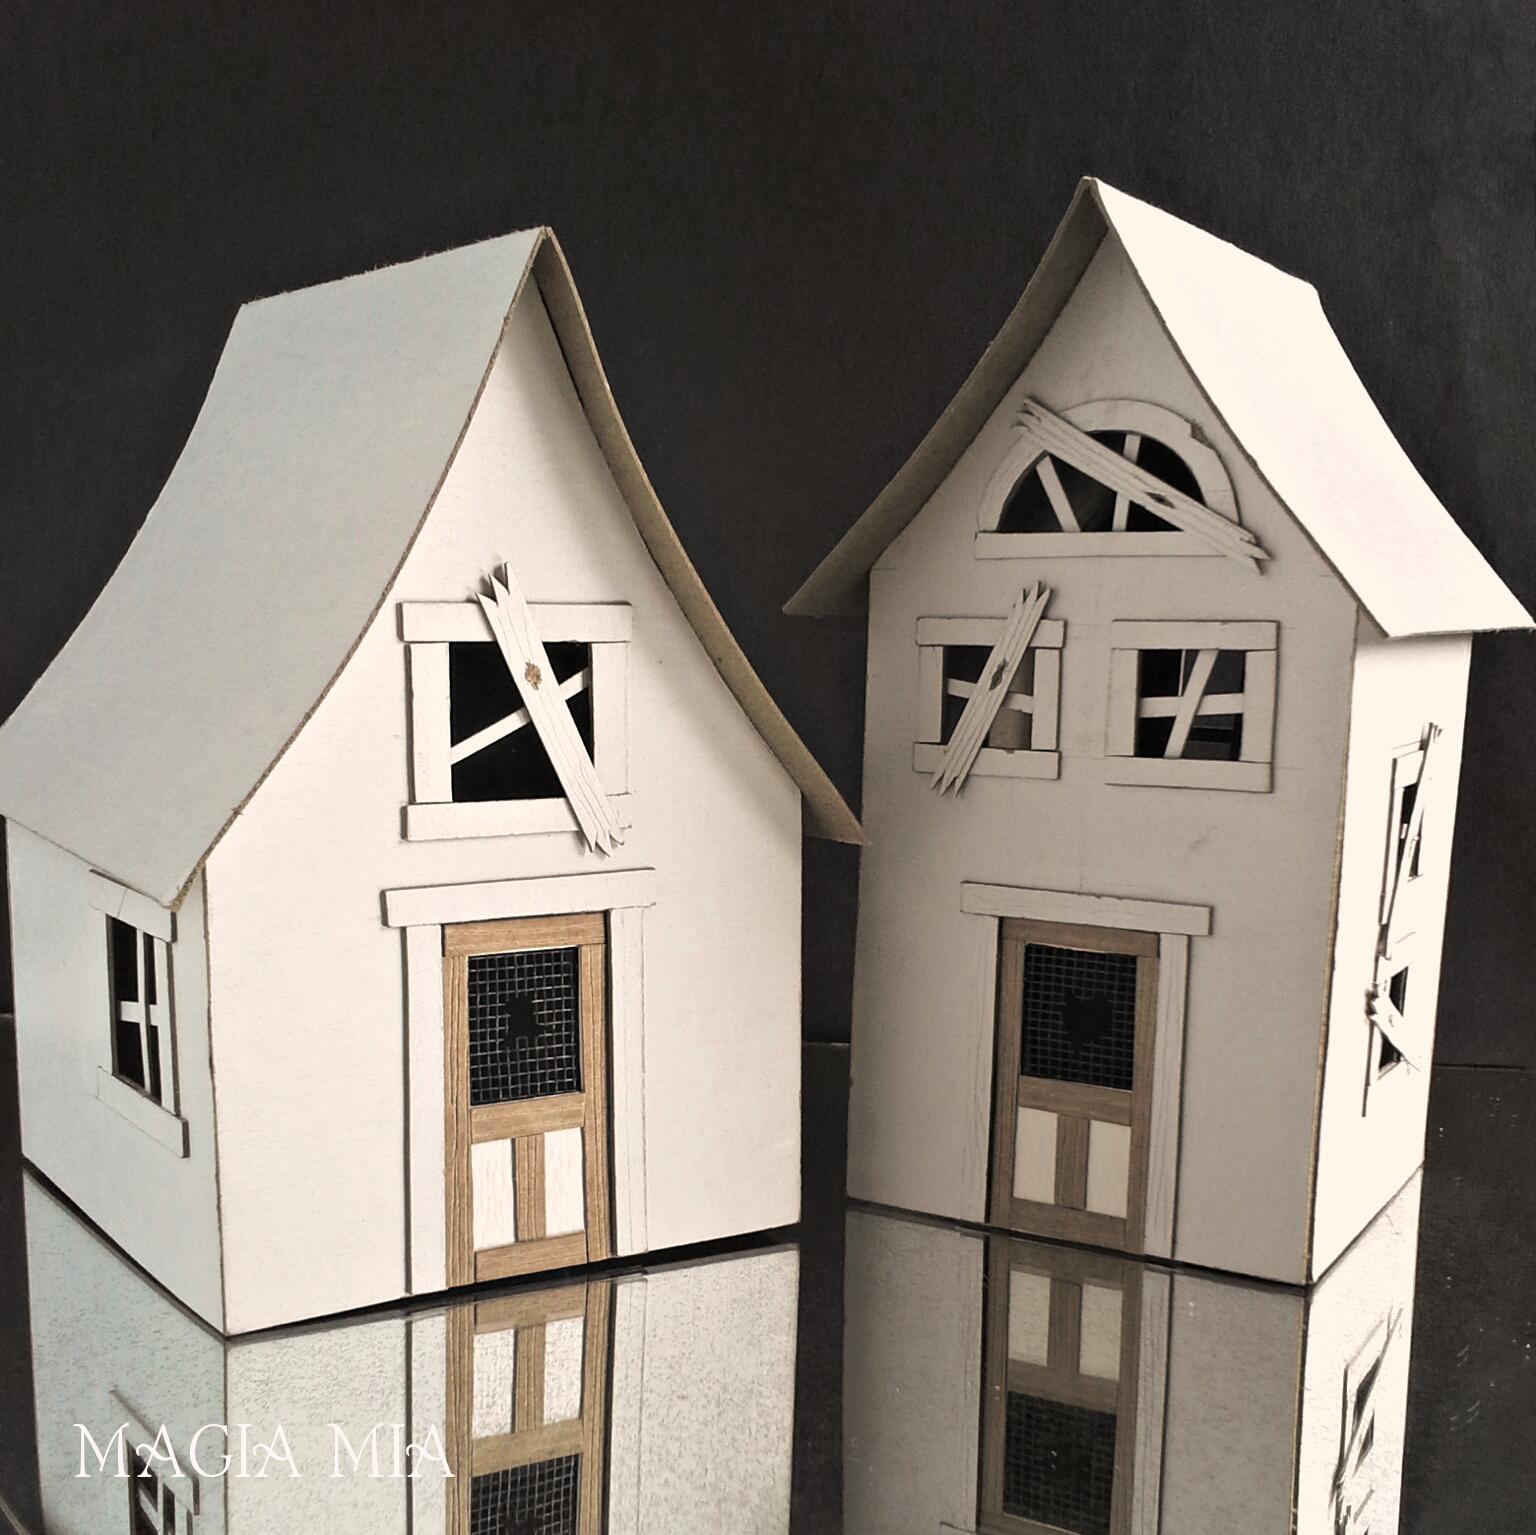 Magia Mia: Handmade Halloween Putz Houses